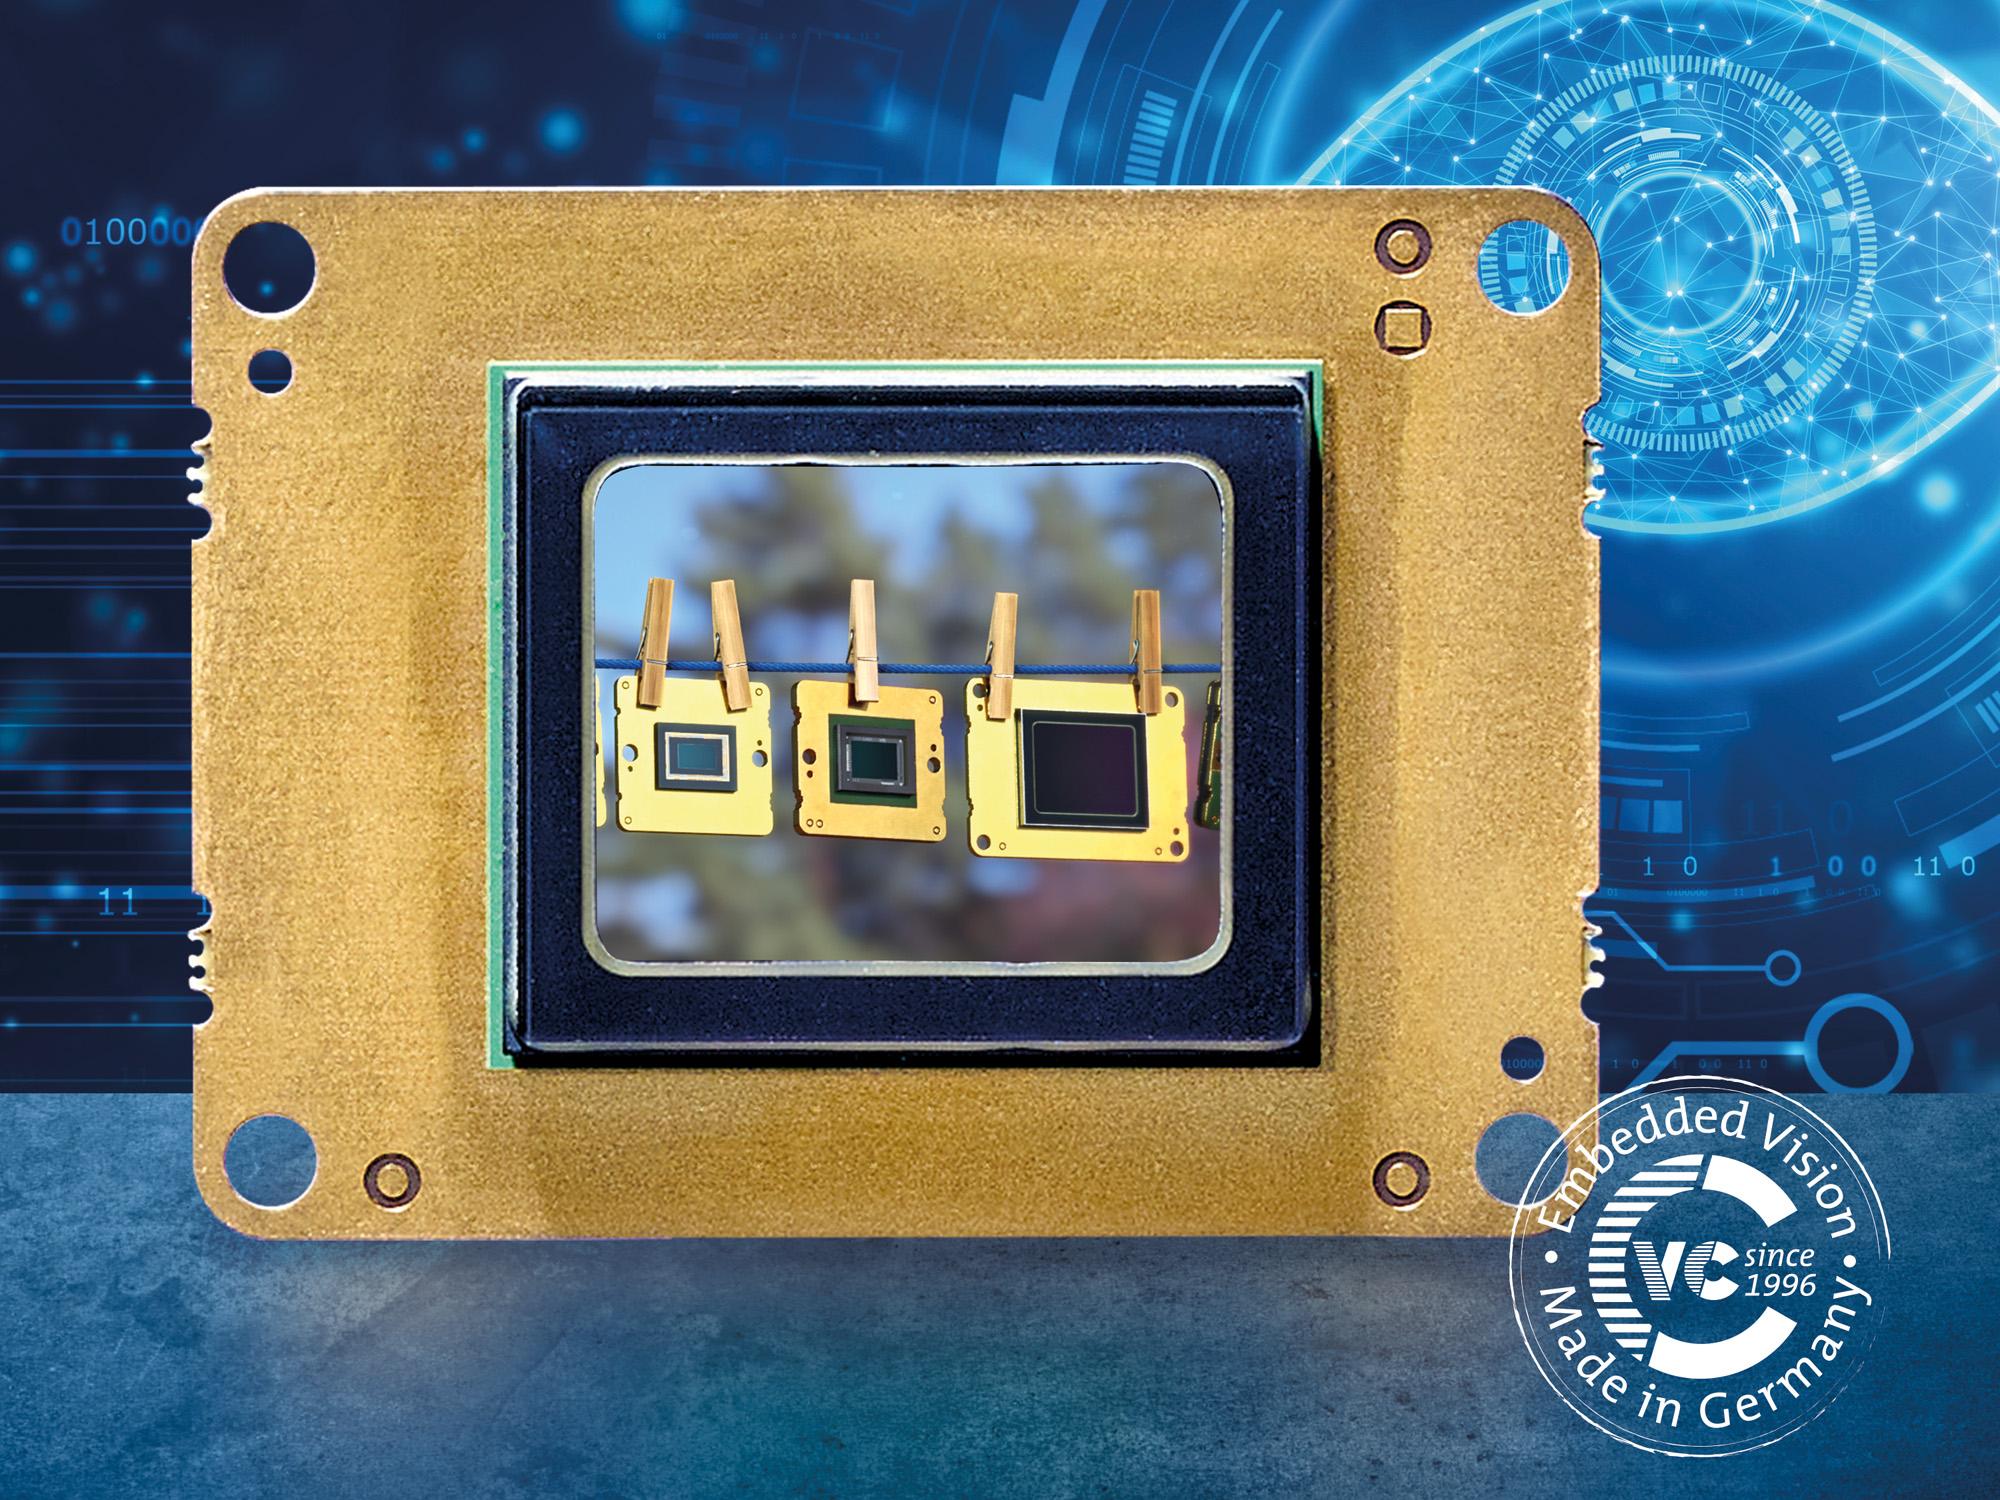 带有MIPI接口的新型高端传感器